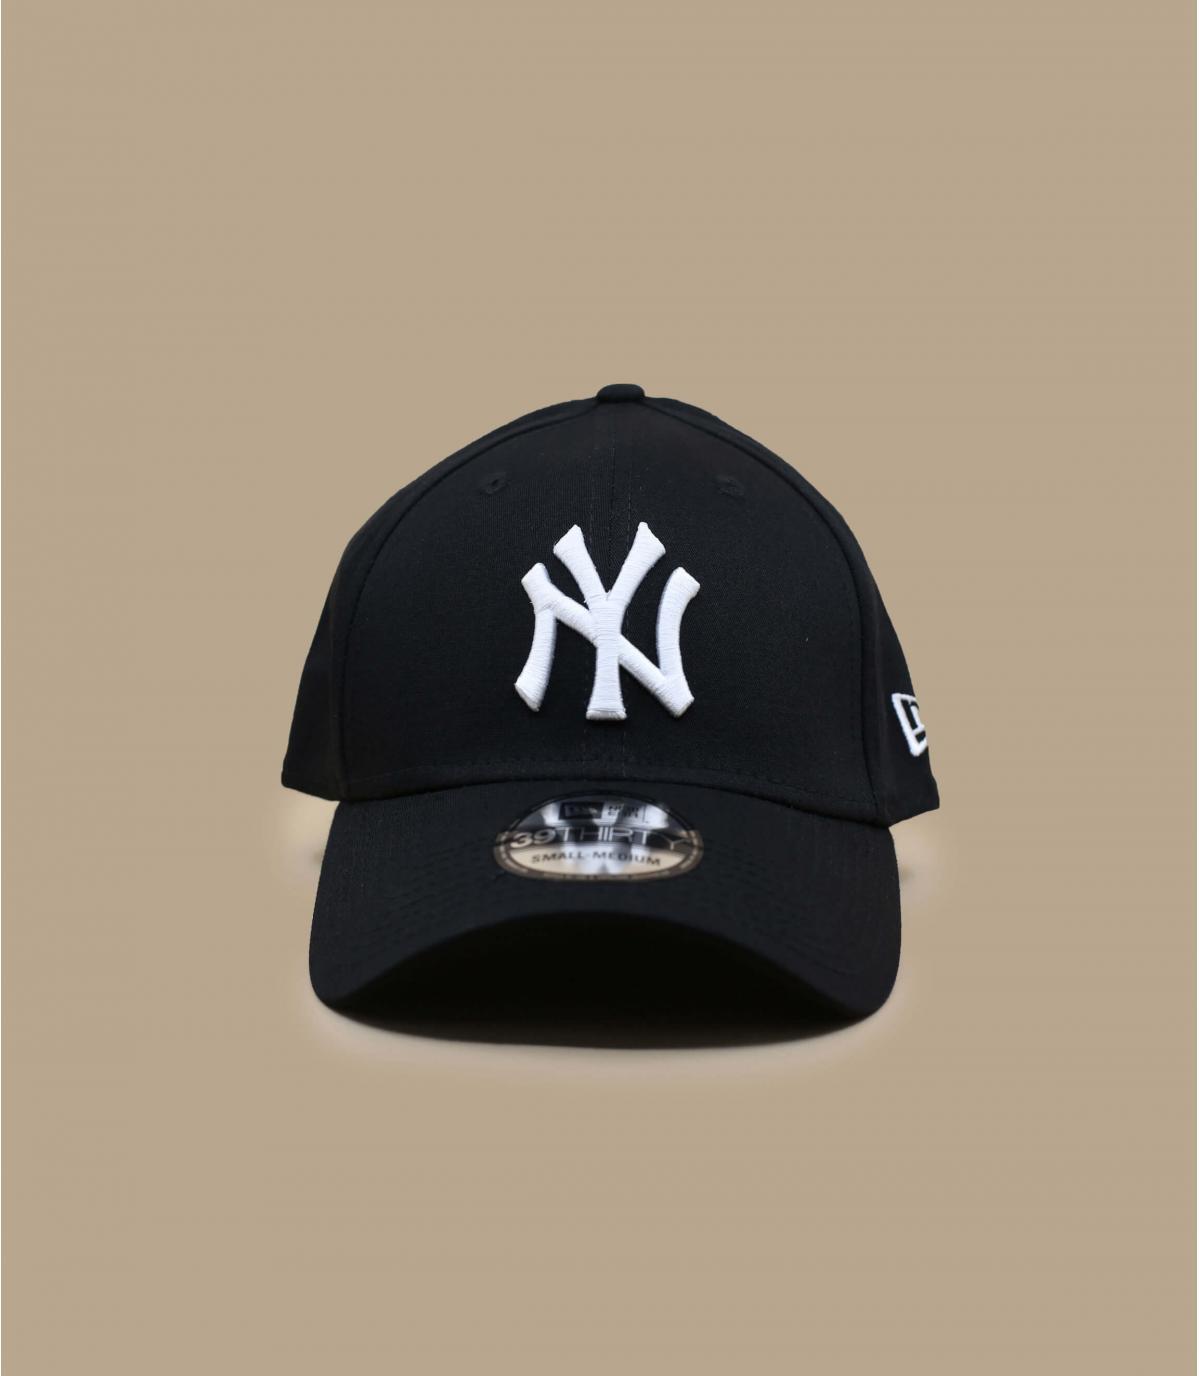 Dettagli 39Thirty NY black white - image 2